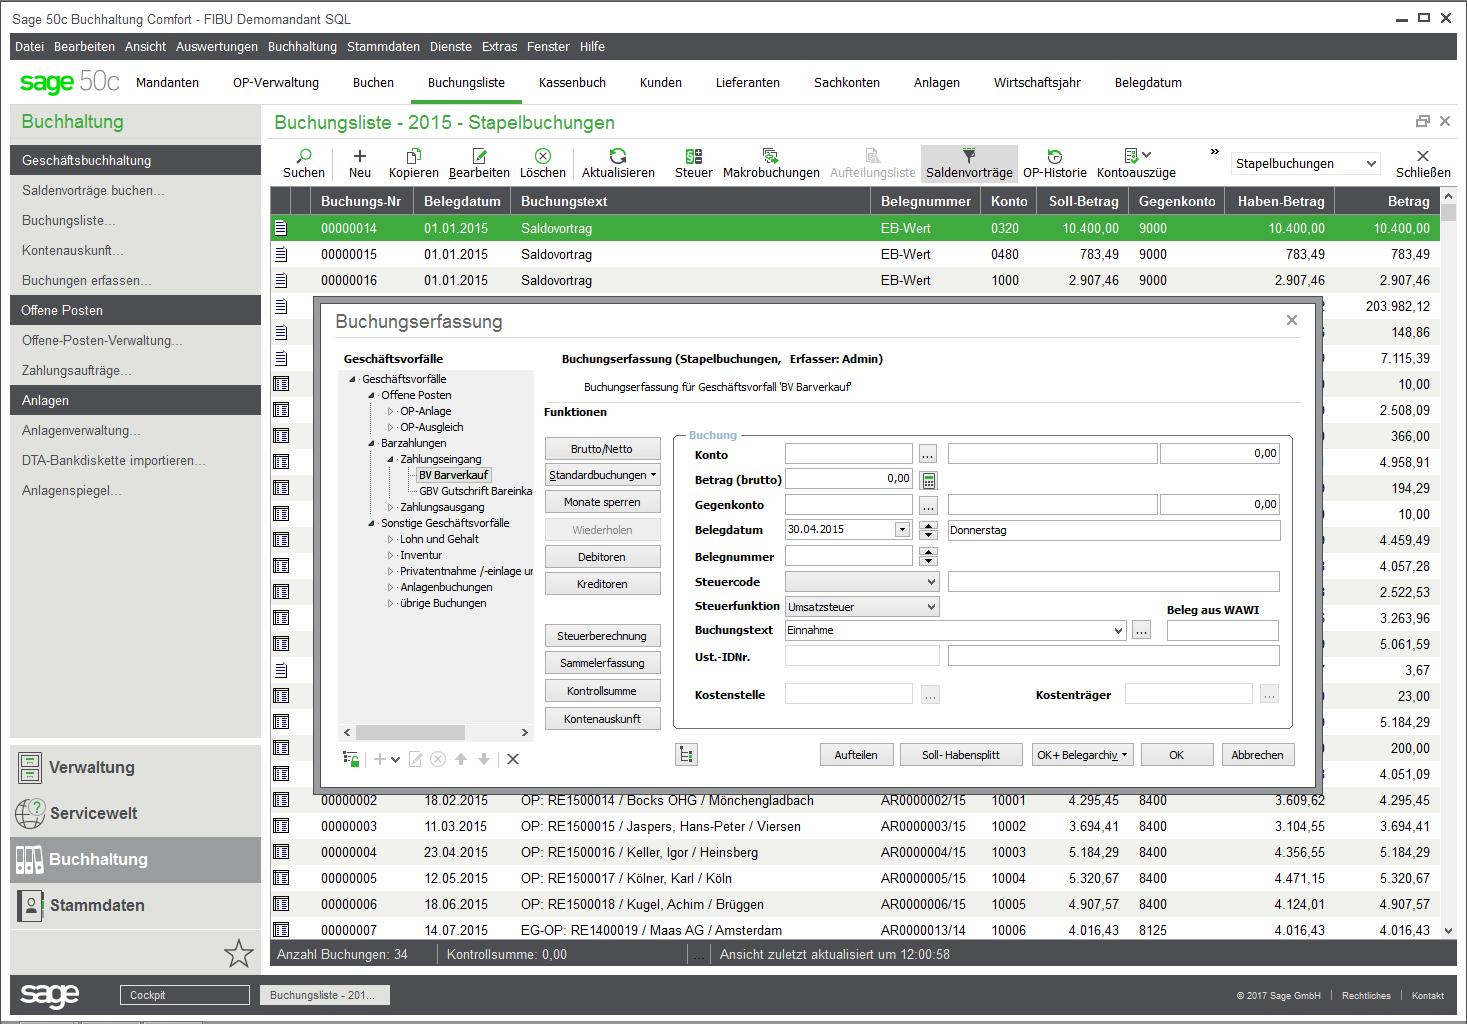 Sage 50 Finanzbuchhaltung